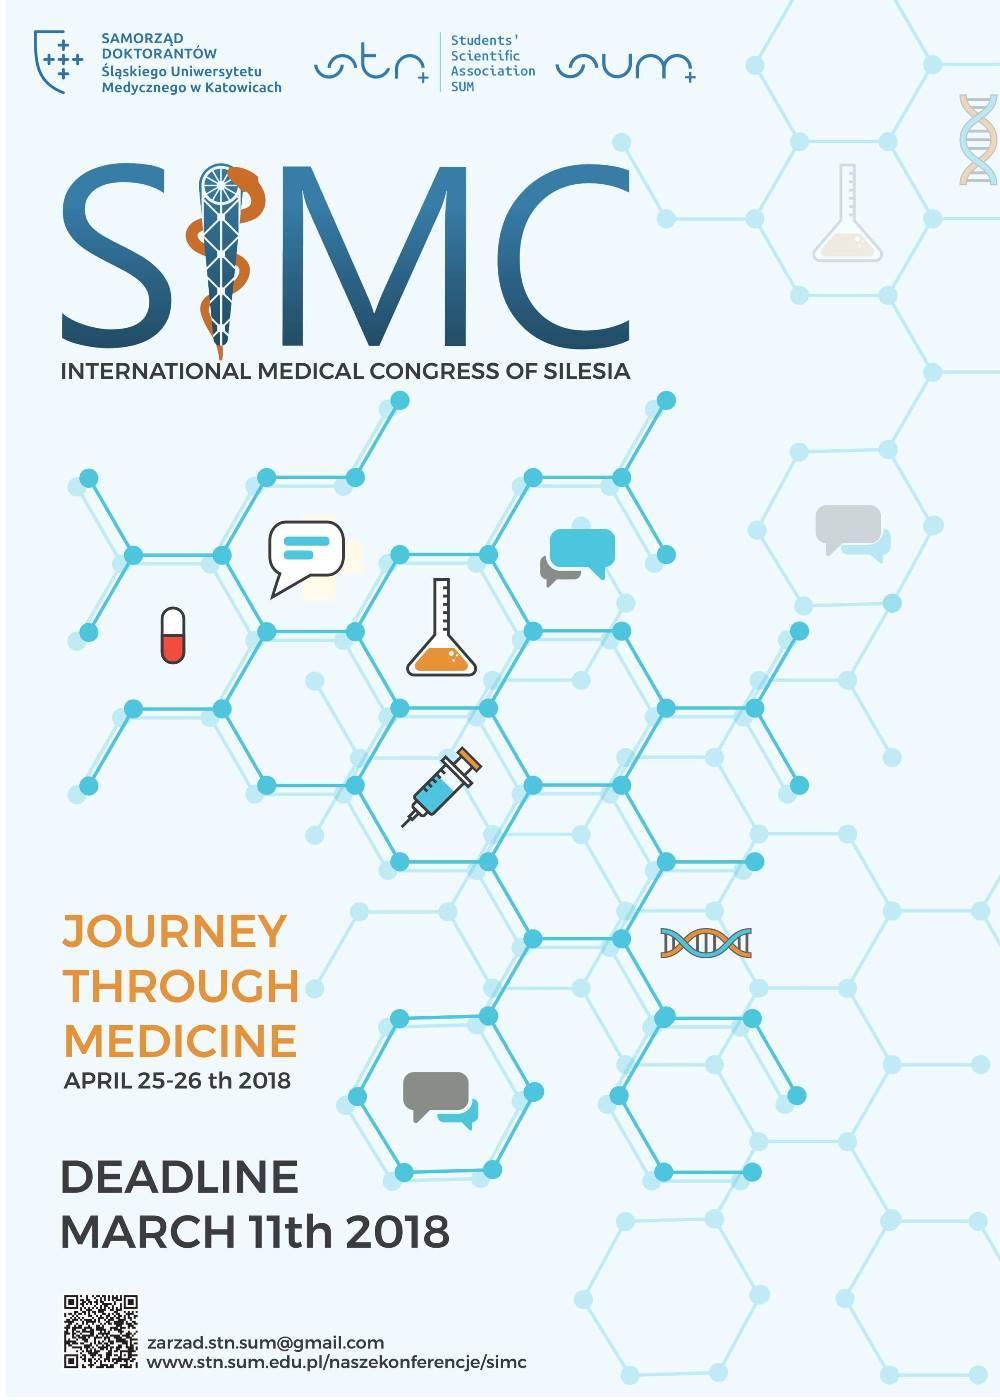 Konferencja odbędzie się 25-26 kwietnia 2018 roku, w Katowicach-Ligocie, ul. Medyków 18.